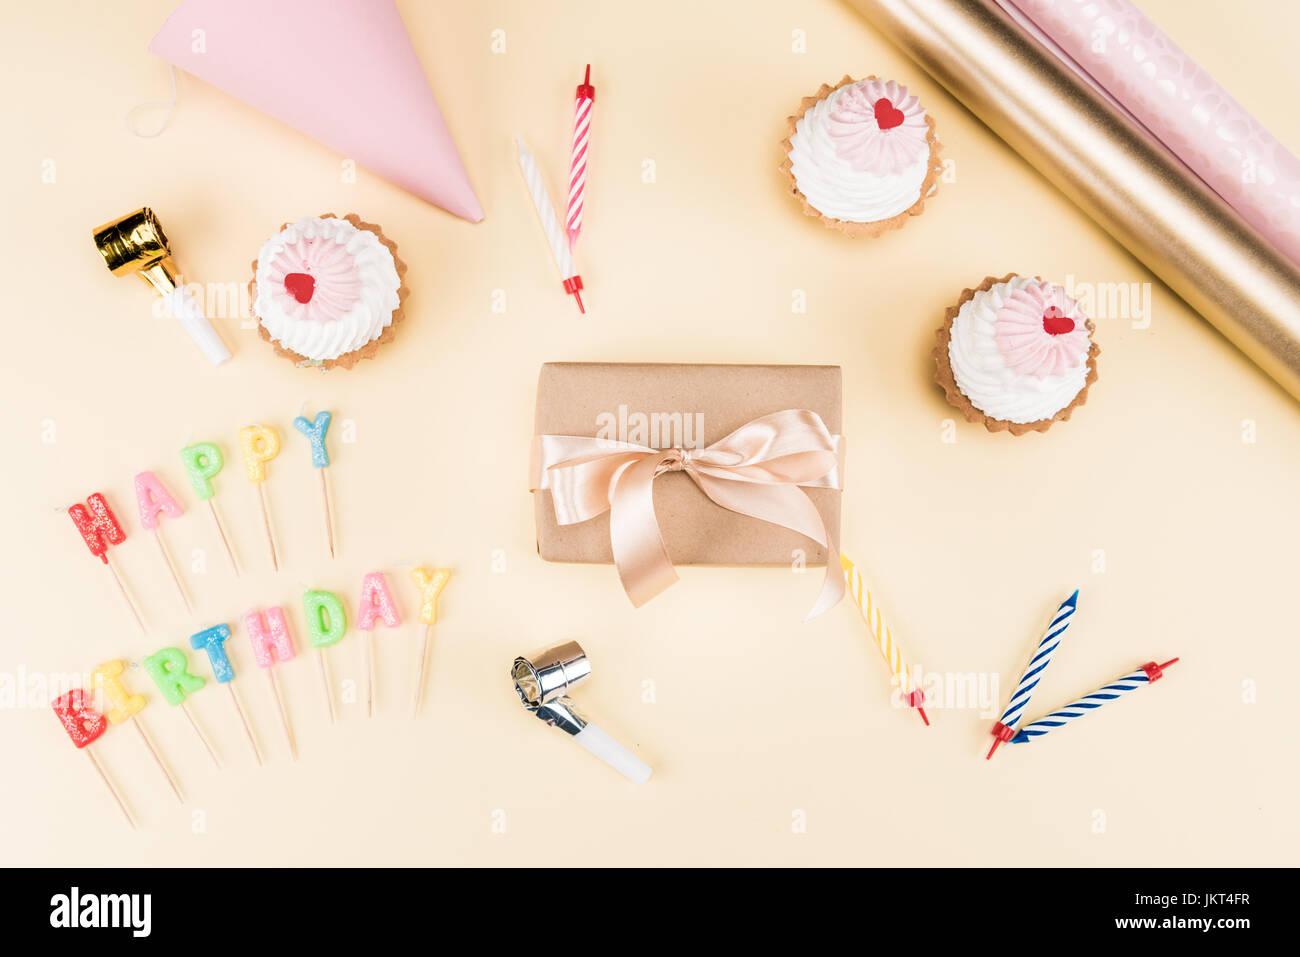 Vue de dessus de joyeux anniversaire lettrage, enveloppe avec ruban, gâteaux et cartes colorées sur rose, Photo Stock